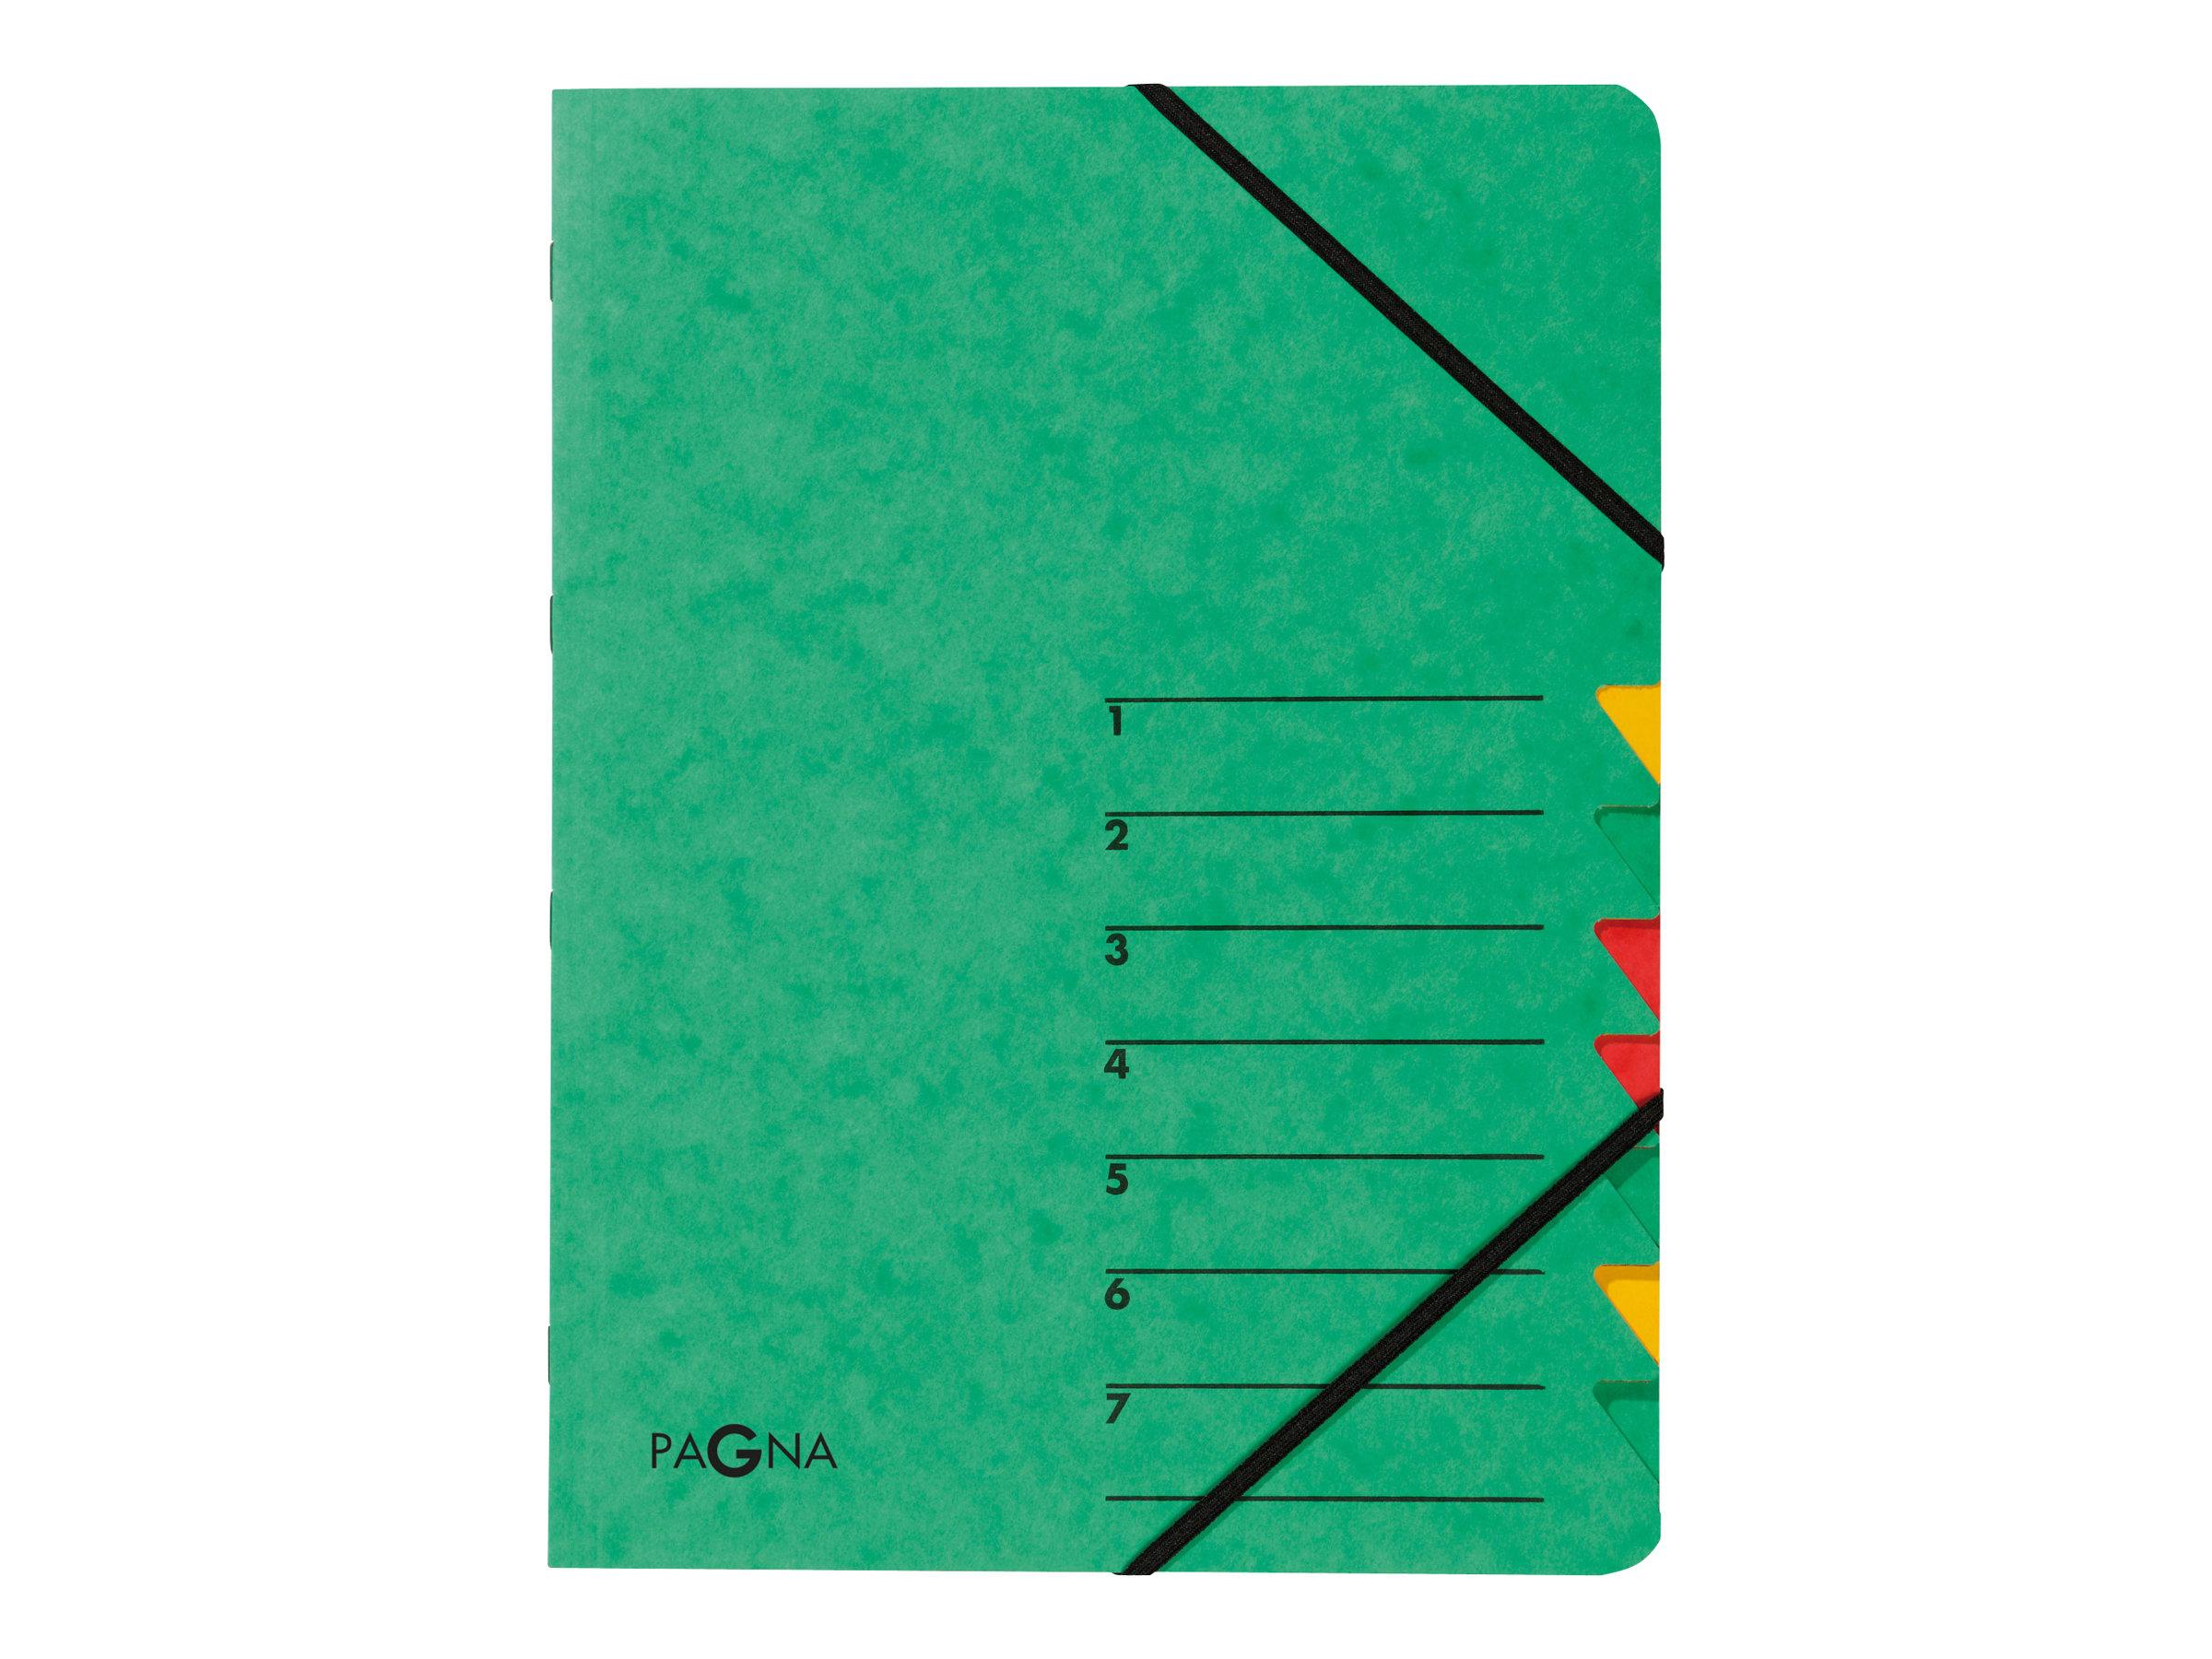 Pagna Easy - Trieur à fenêtres 7 positions - vert